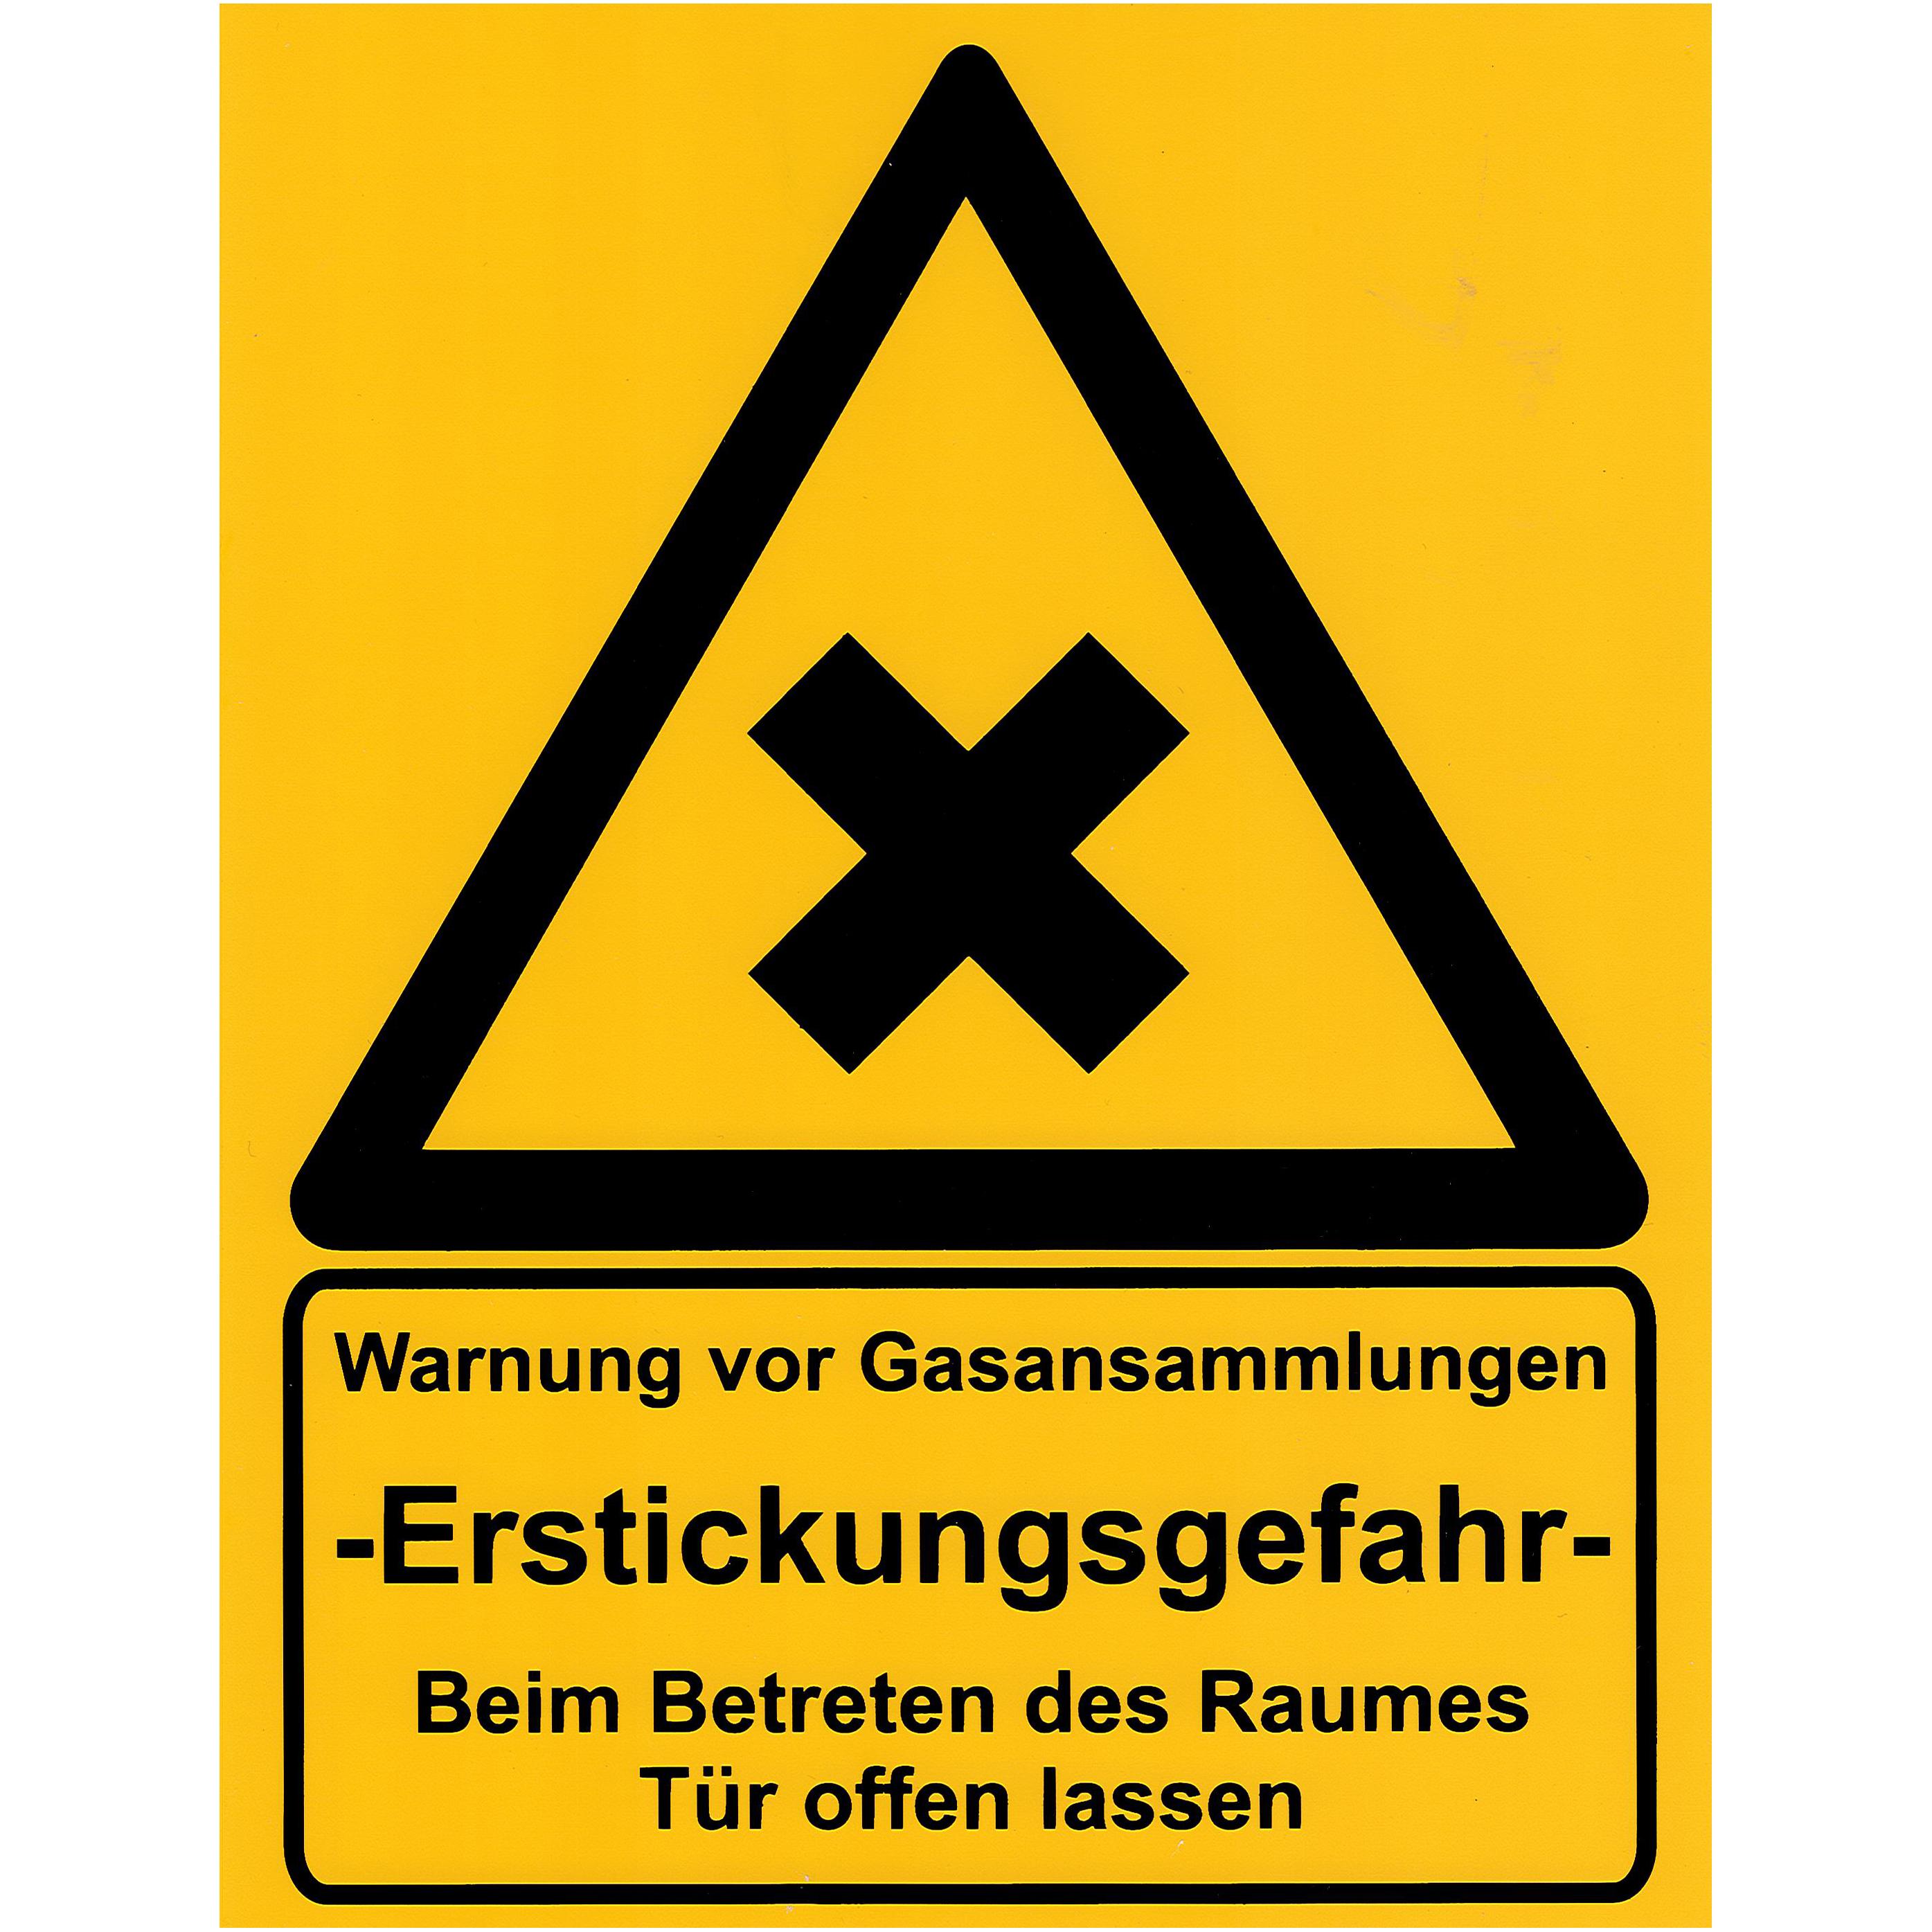 Schankanlagen Fachbetrieb - Versandhandel - Warnhinweis \